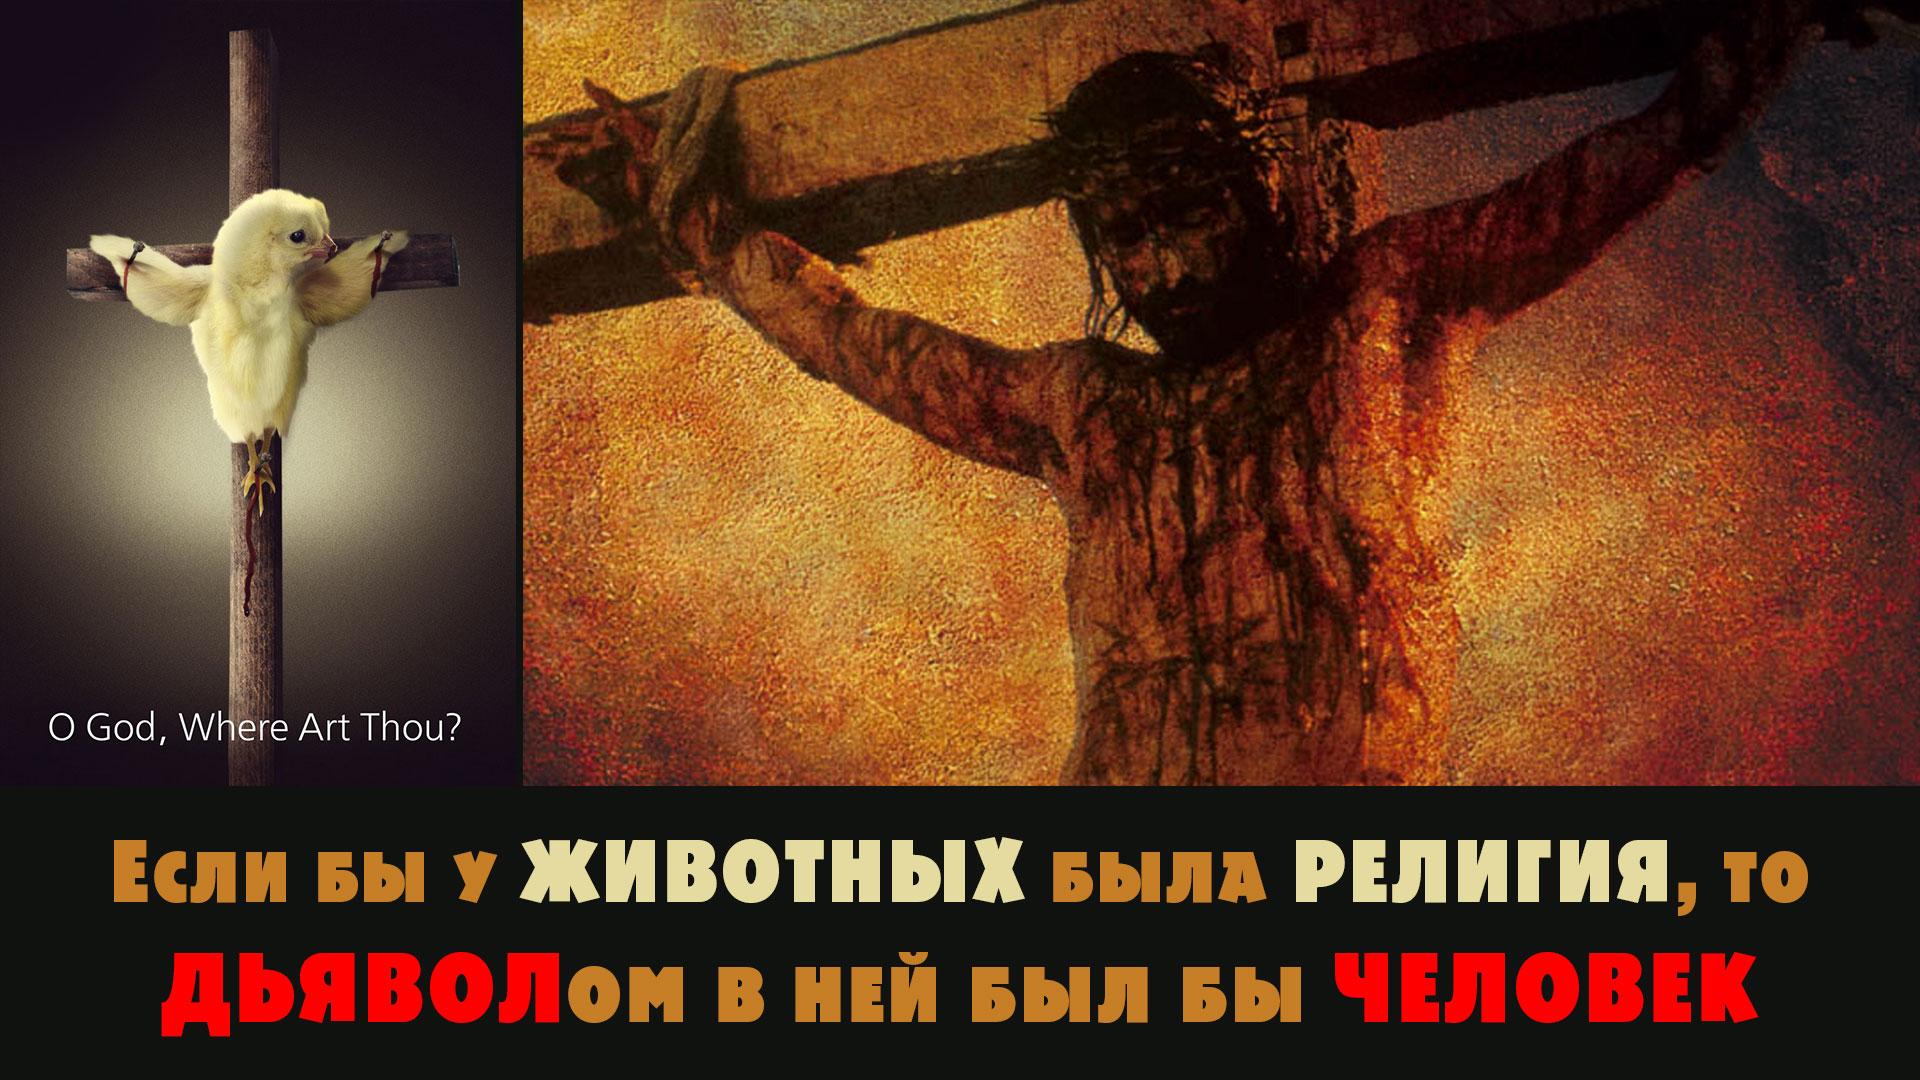 Если бы у ЖИВОТНЫХ была РЕЛИГИЯ, то ДЬЯВОЛом в ней был бы ЧЕЛОВЕК #ВЕГЕТАРИАНСТВО #ВЕГАН #ВЕГАНСТВО #ВЕГЕТАРИАНЕЦ #GoVegan #ХРИСТОЛЮБ — christolube.ru